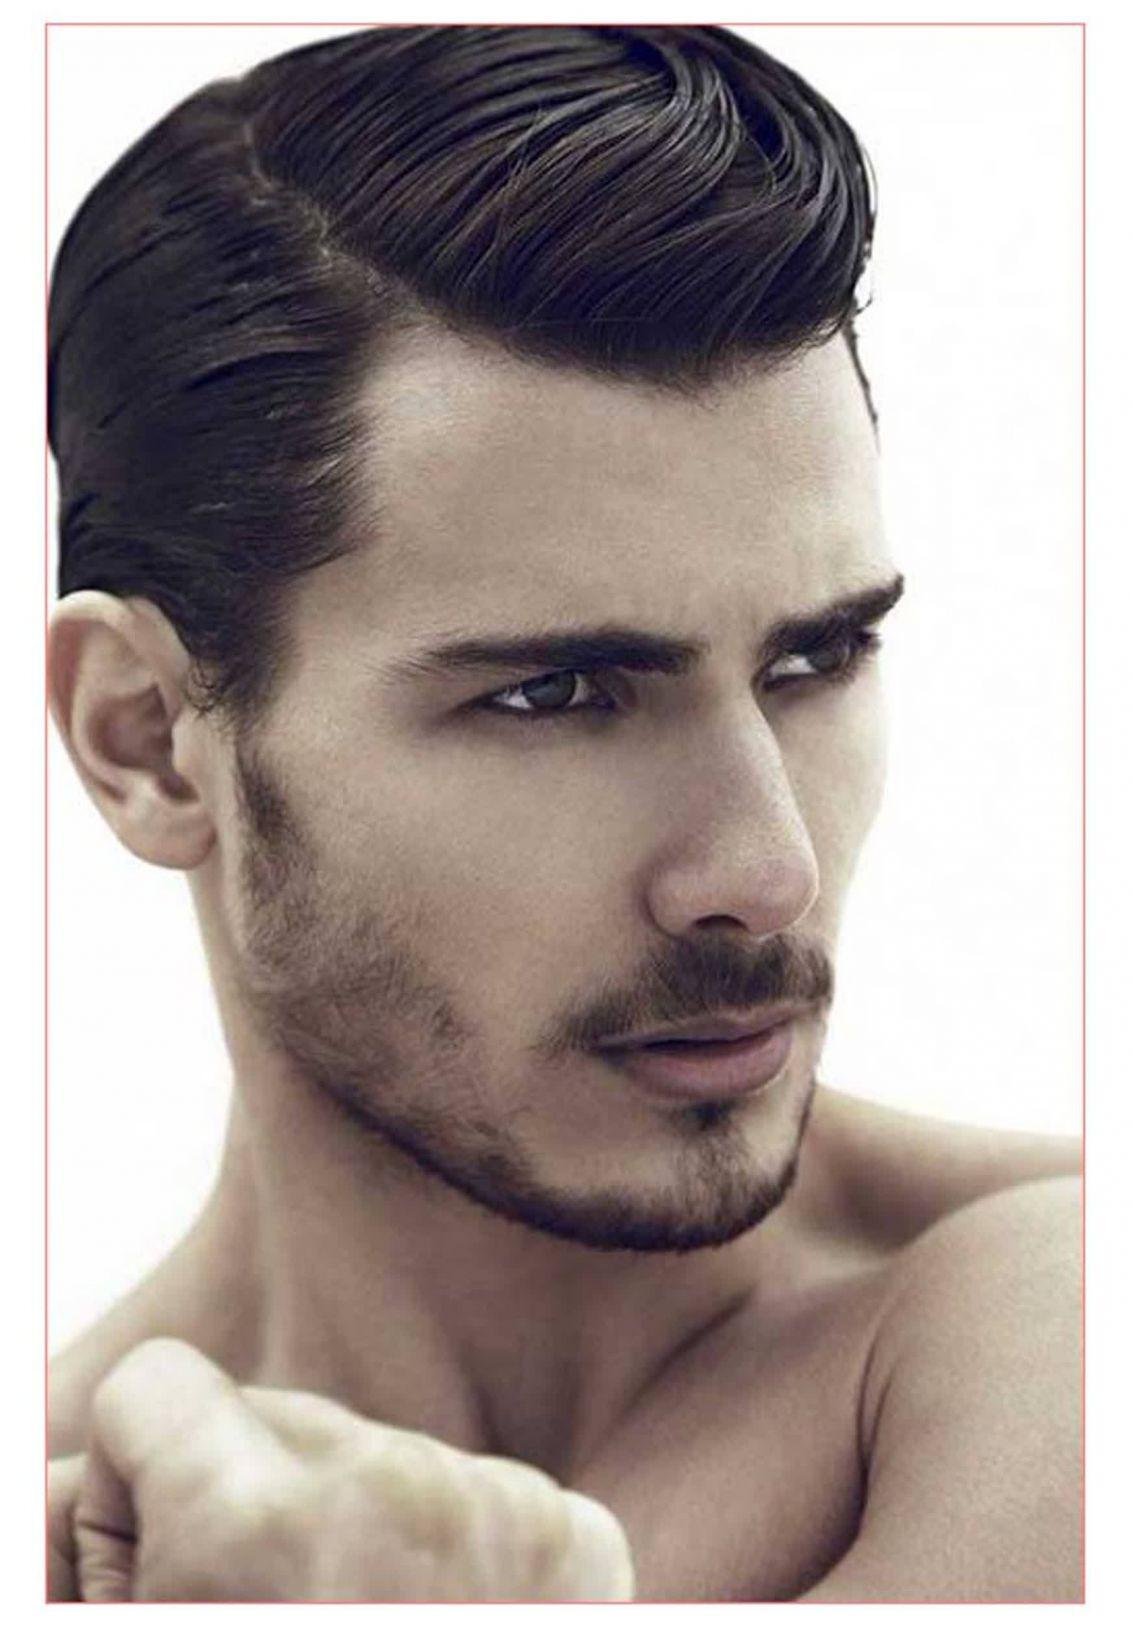 20 besten ideen frisuren männer hohe stirn - beste